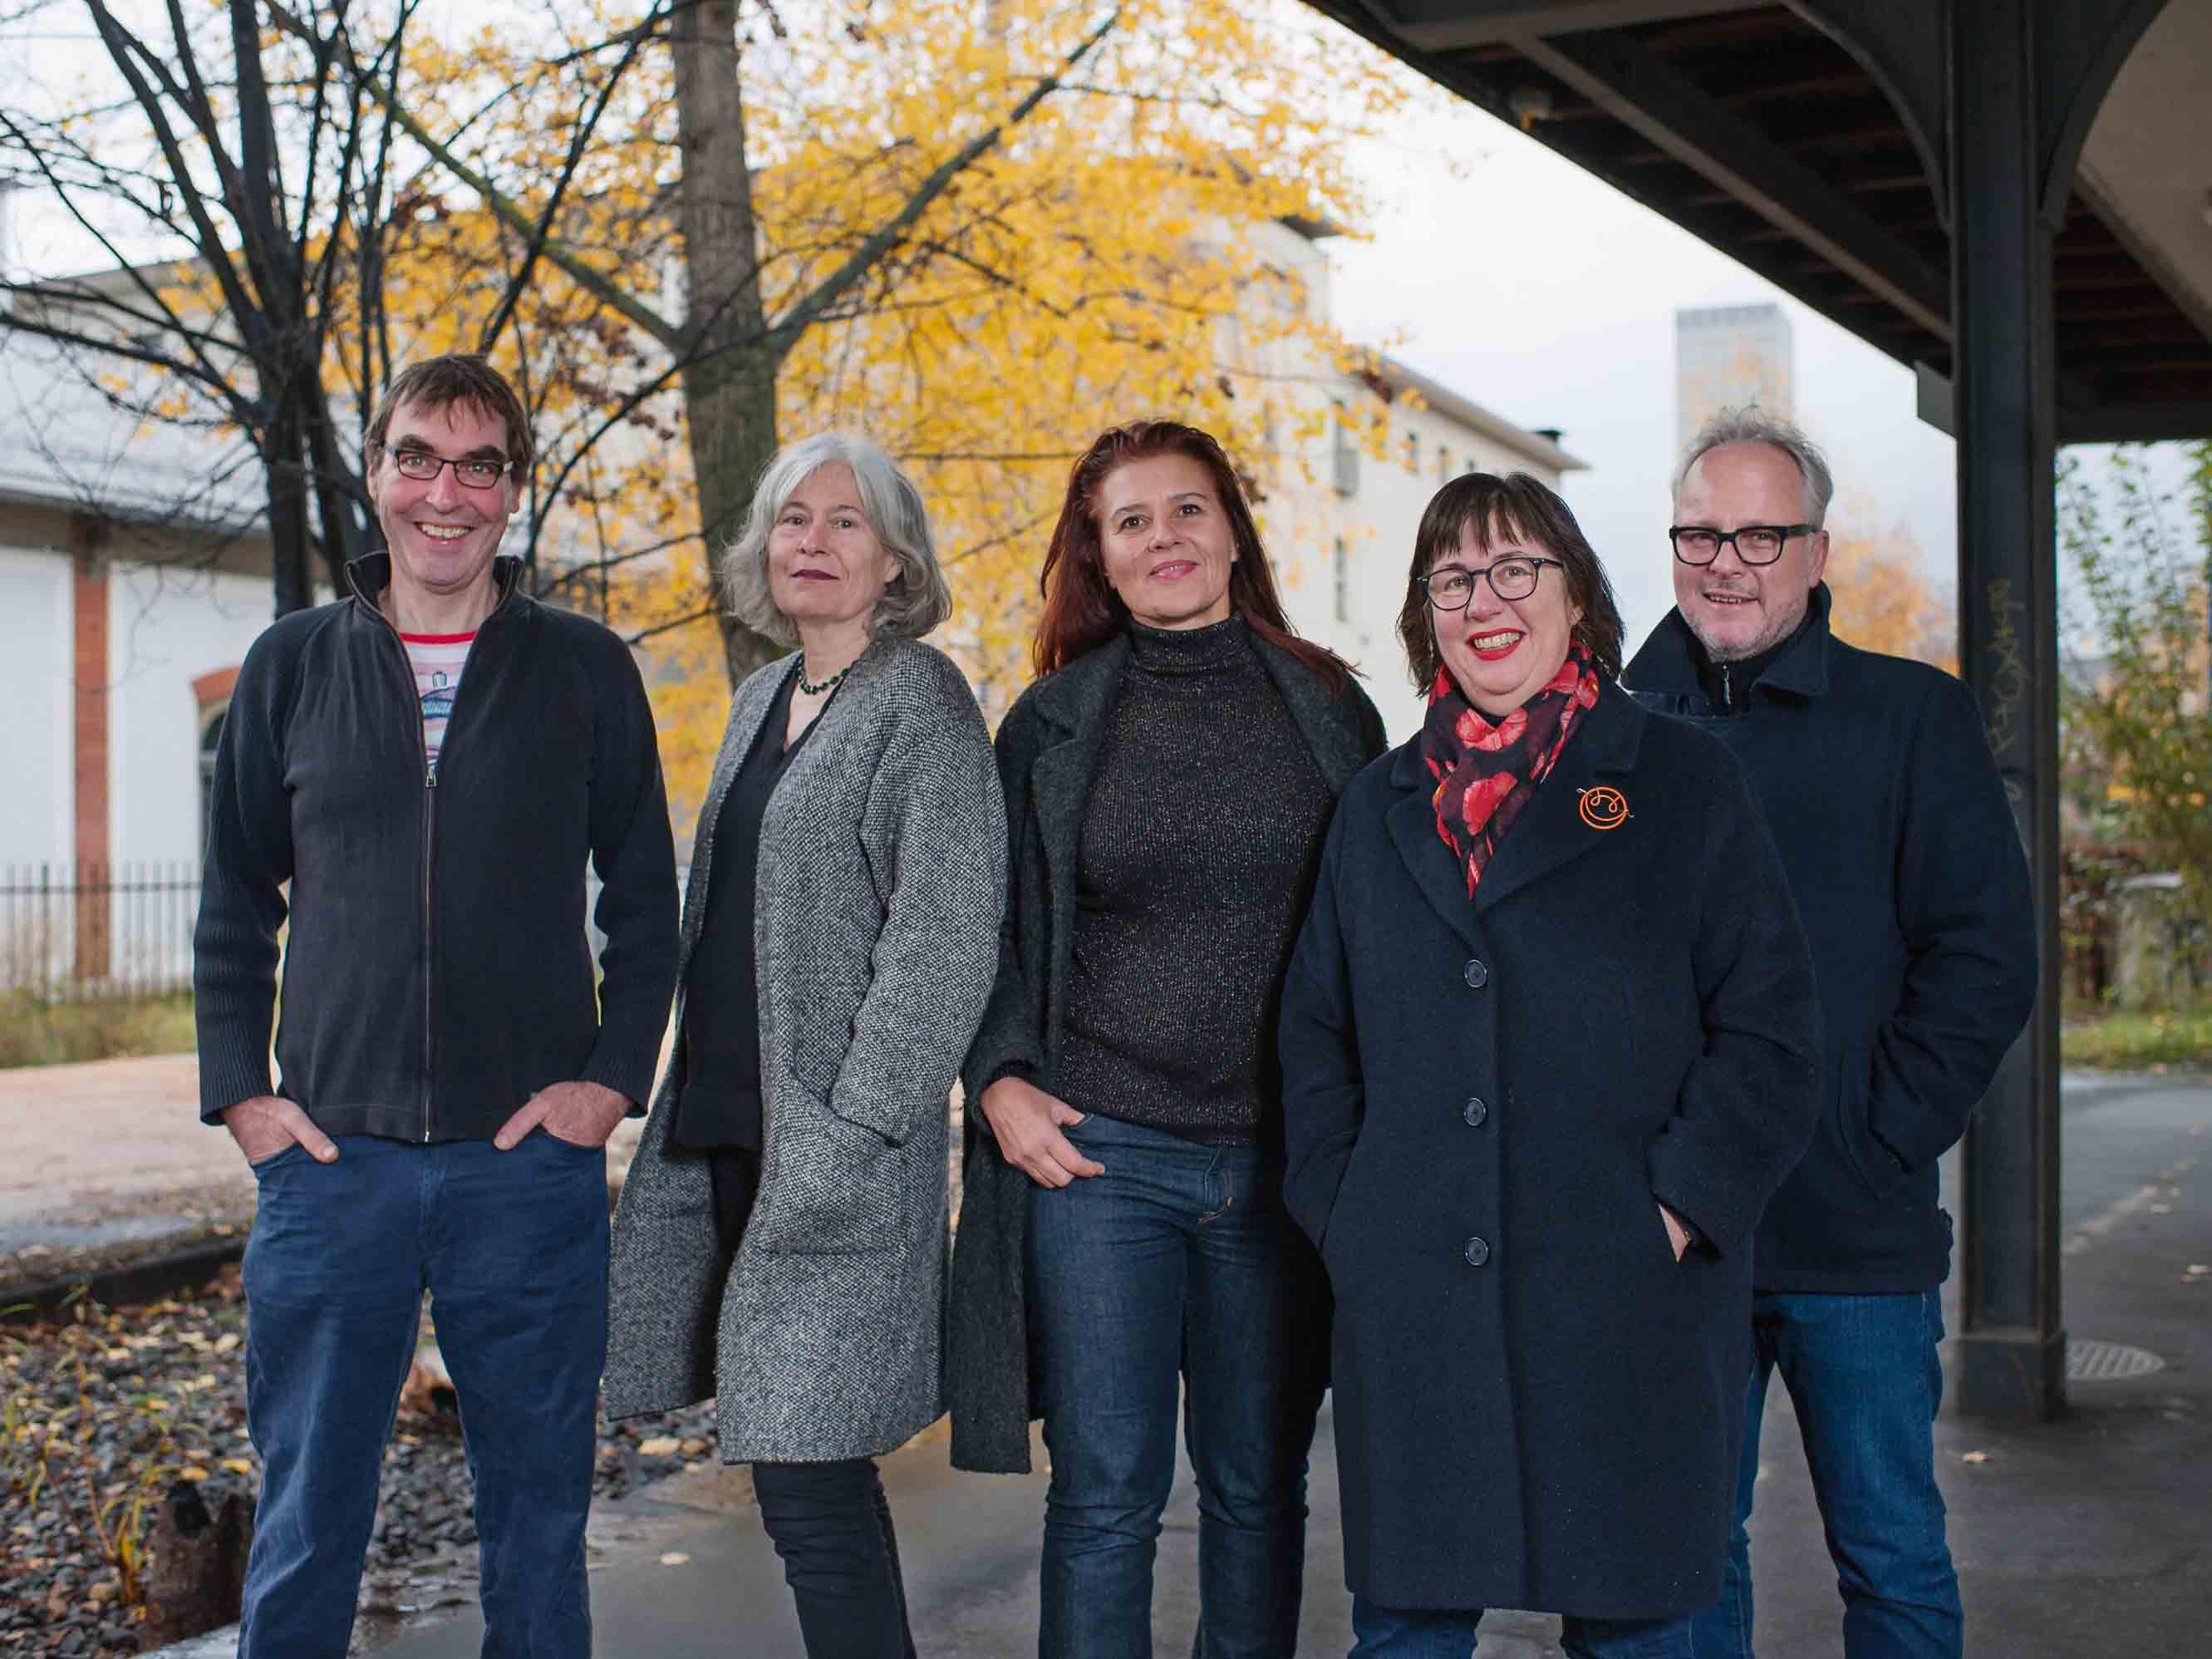 Fünf der neun Kandidierenden der Alternativen Liste (AL) für den Wahlkreis IV (Kreise 6 und 10) wurden beim Bahnhof Letten aufgenommen. Es sind dies von links nach rechts: Patrik Maillard, Regula Bochsler, Andrea Leitner, Judith Stofer (bisher) und Caspar Wellmann.